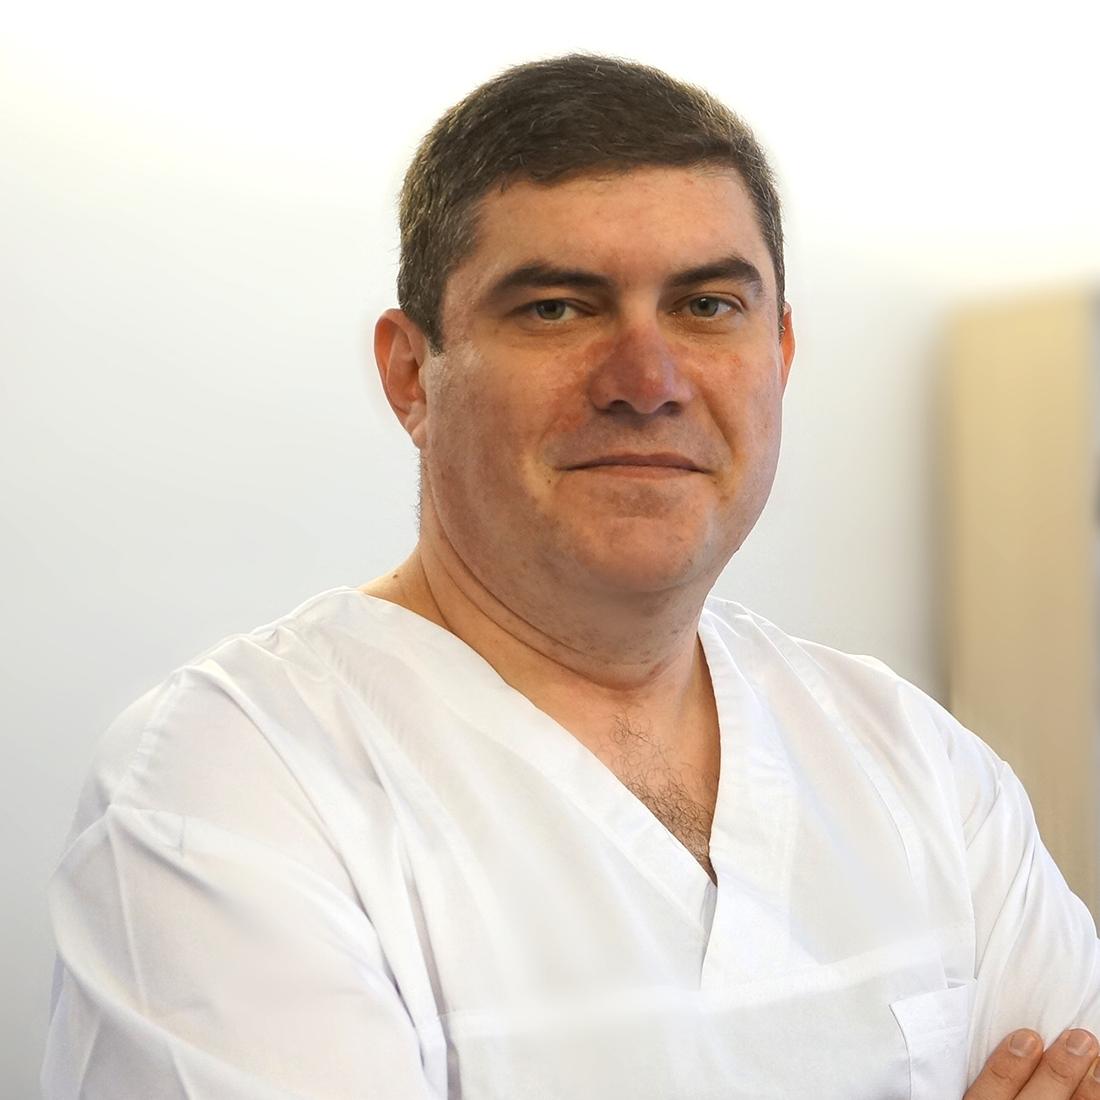 DR. CATALIN MARIA, MEDIC PRIMAR, DOCTOR IN MEDICINA